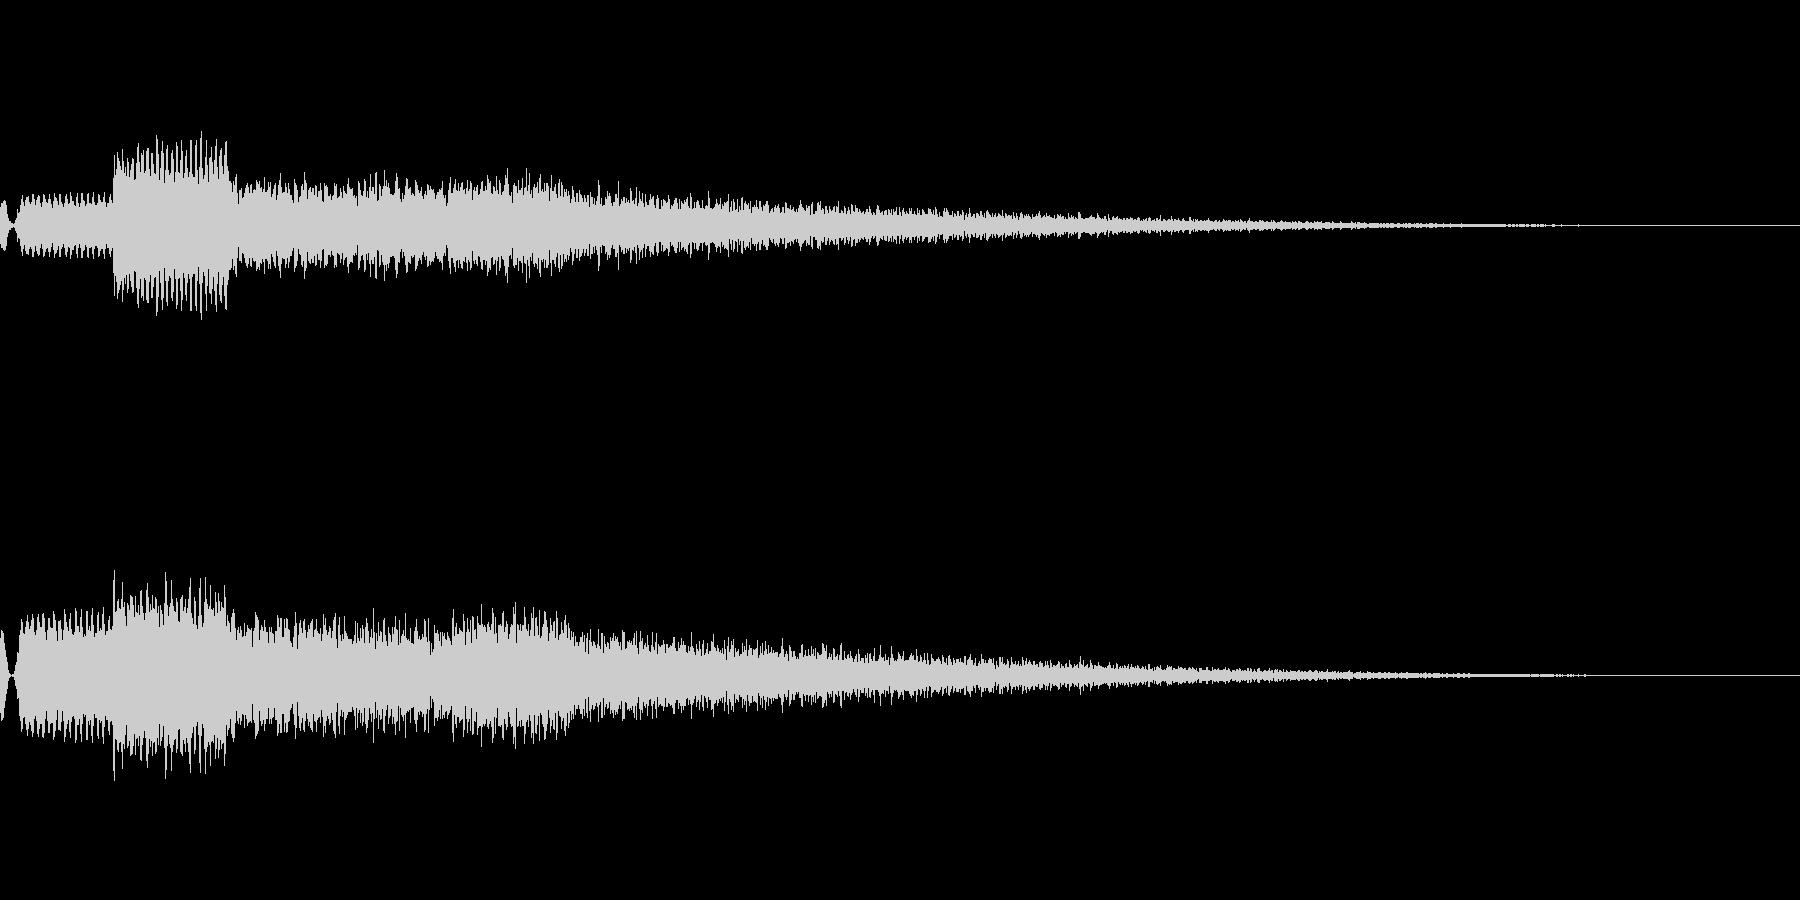 [効果音]チャイム、着信音の未再生の波形